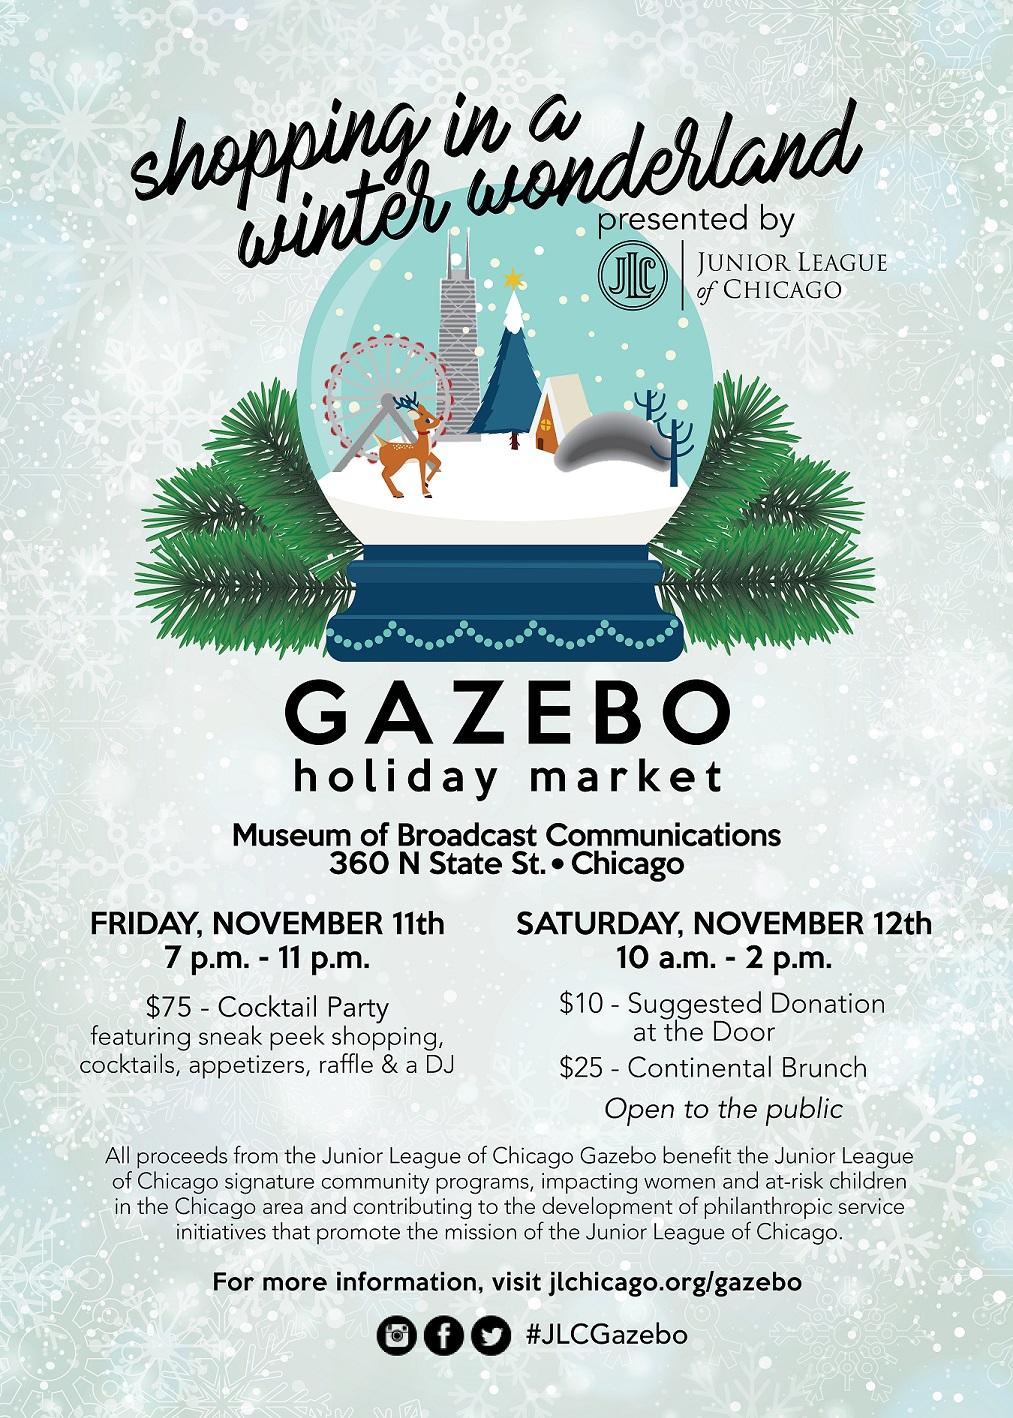 gazebo-invite-correct-version